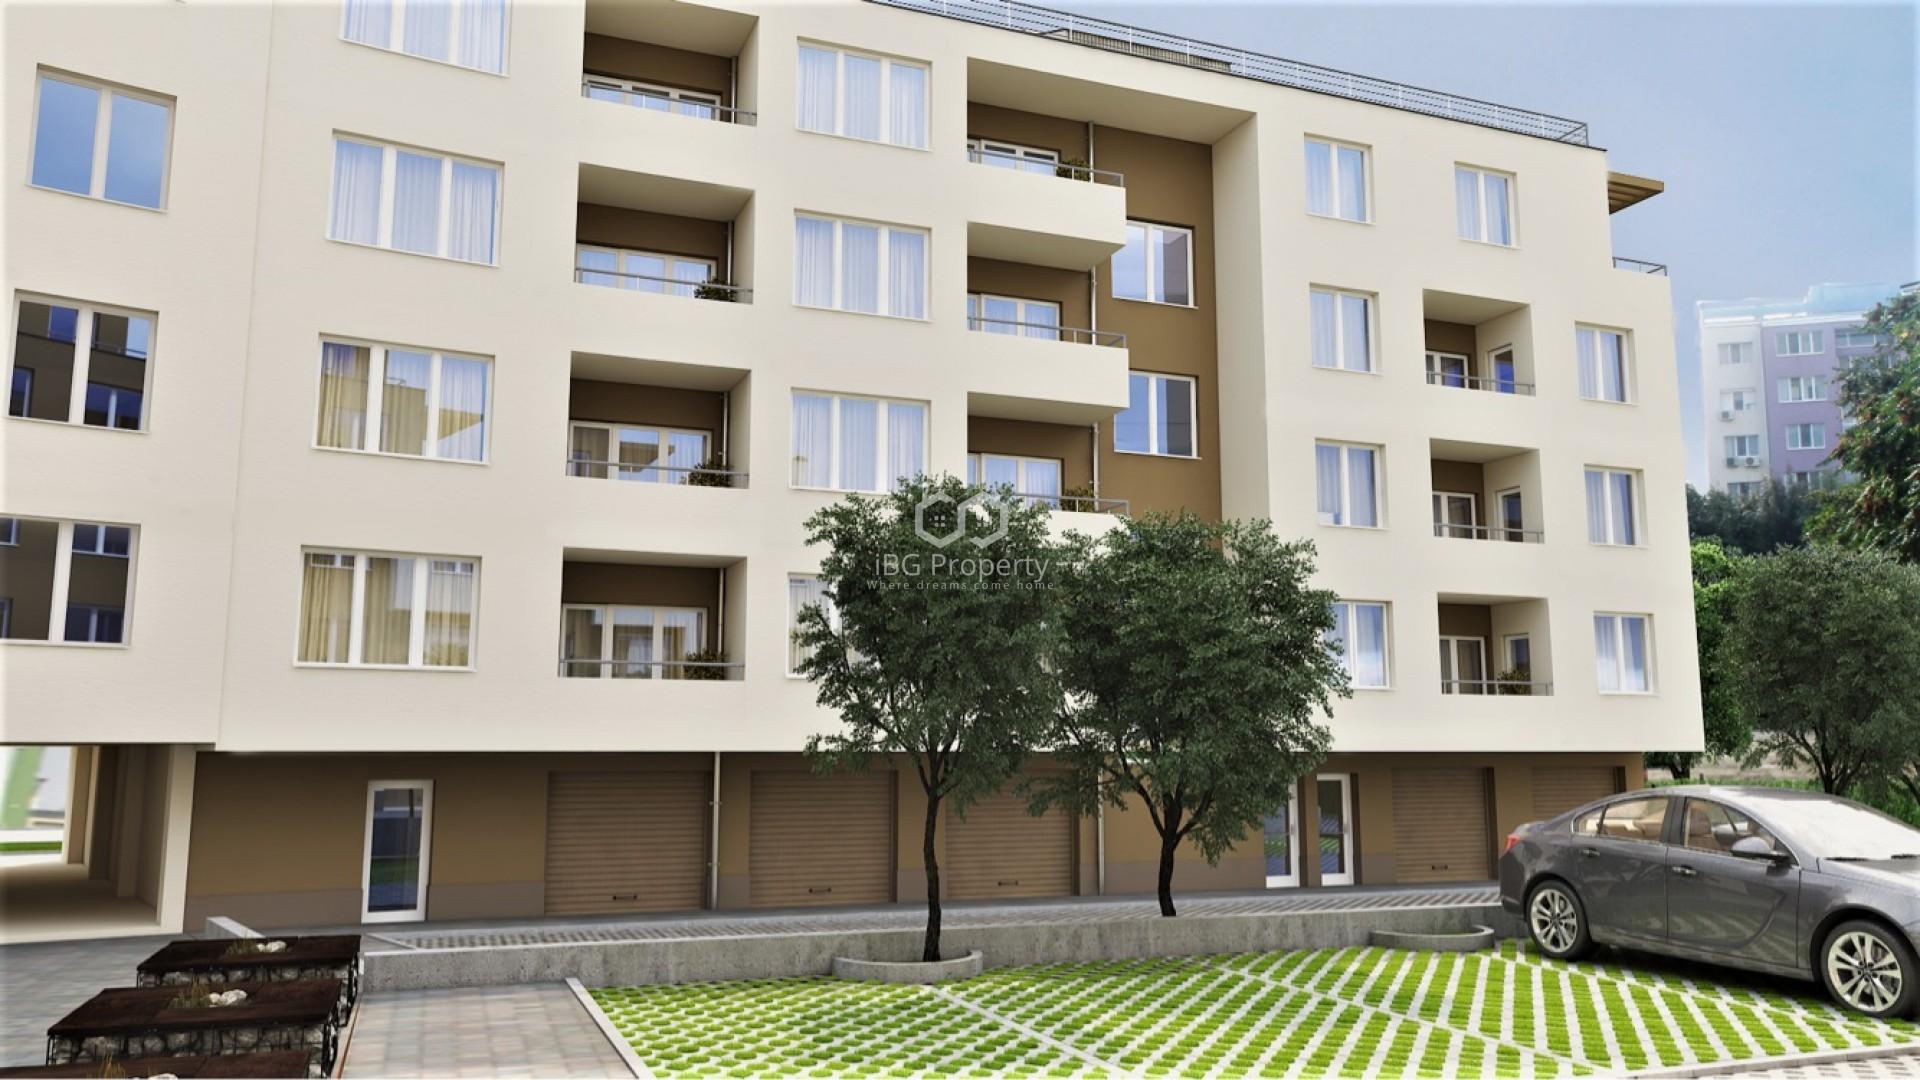 Dreizimmerwohnung in  Burgas 78,94 m2